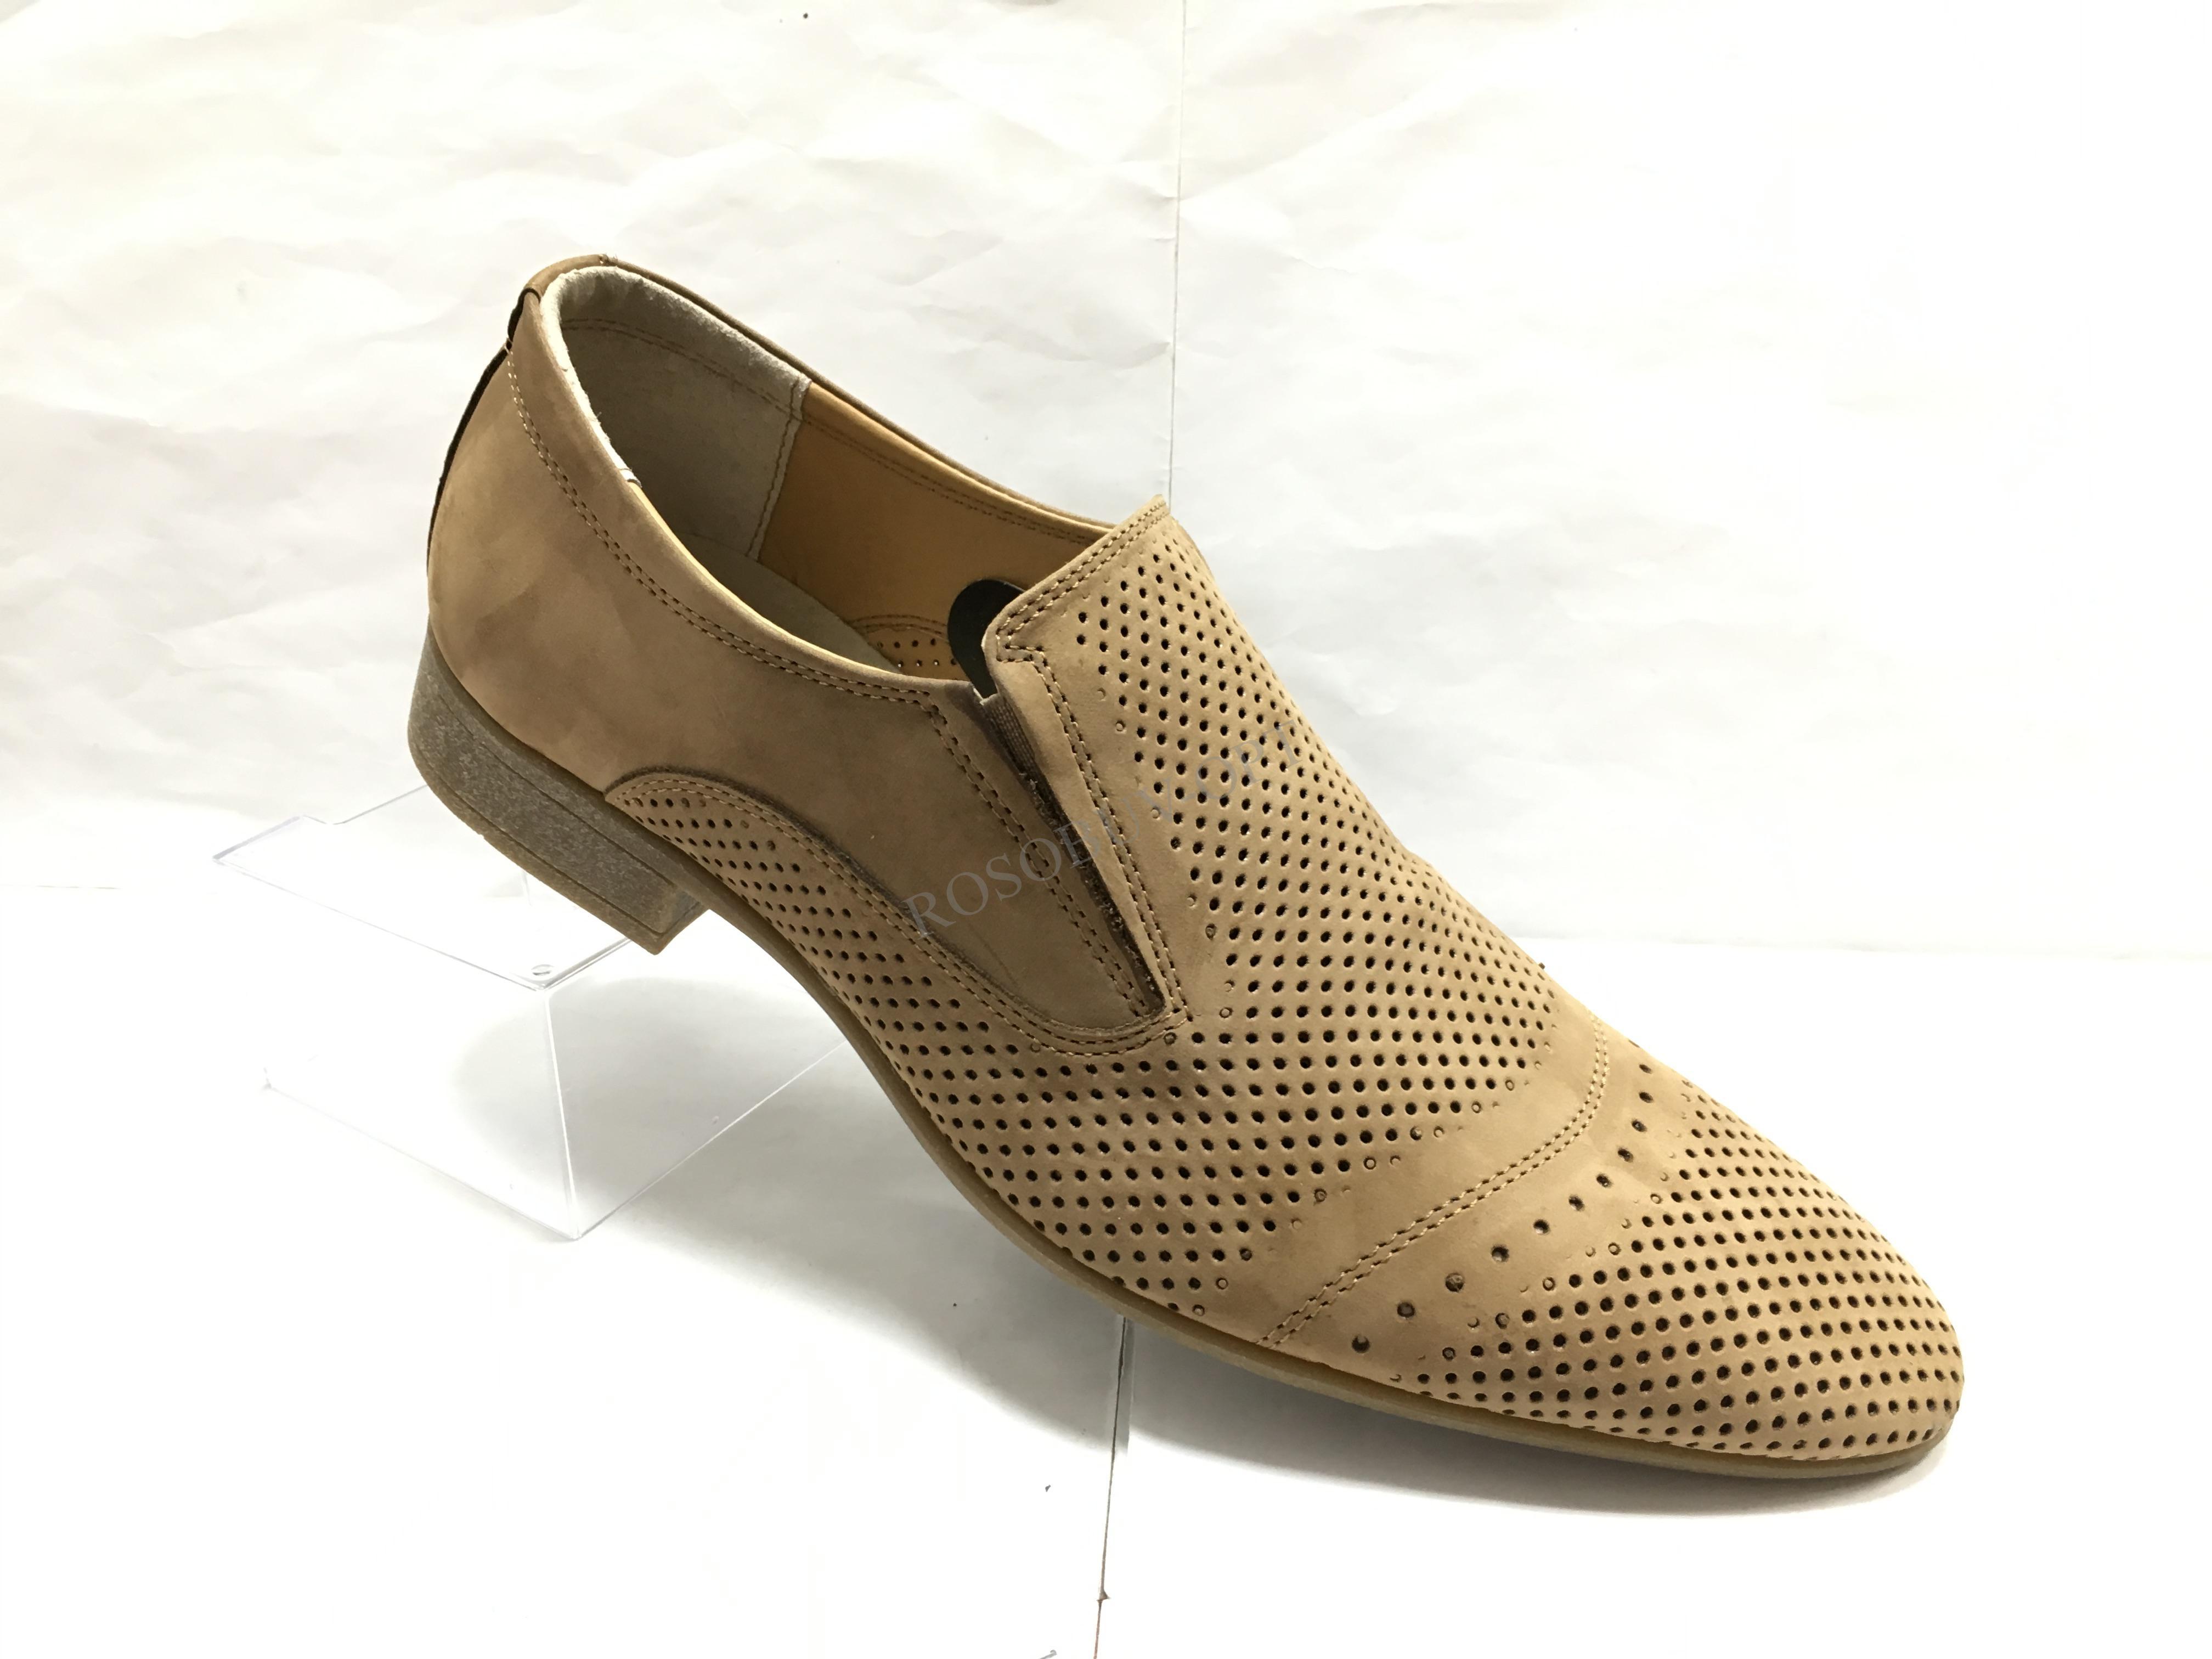 6c35d0d85 Мужские туфли - РОСОБУВЬ-ОПТ, оптовая продажа обуви для магазинов ...